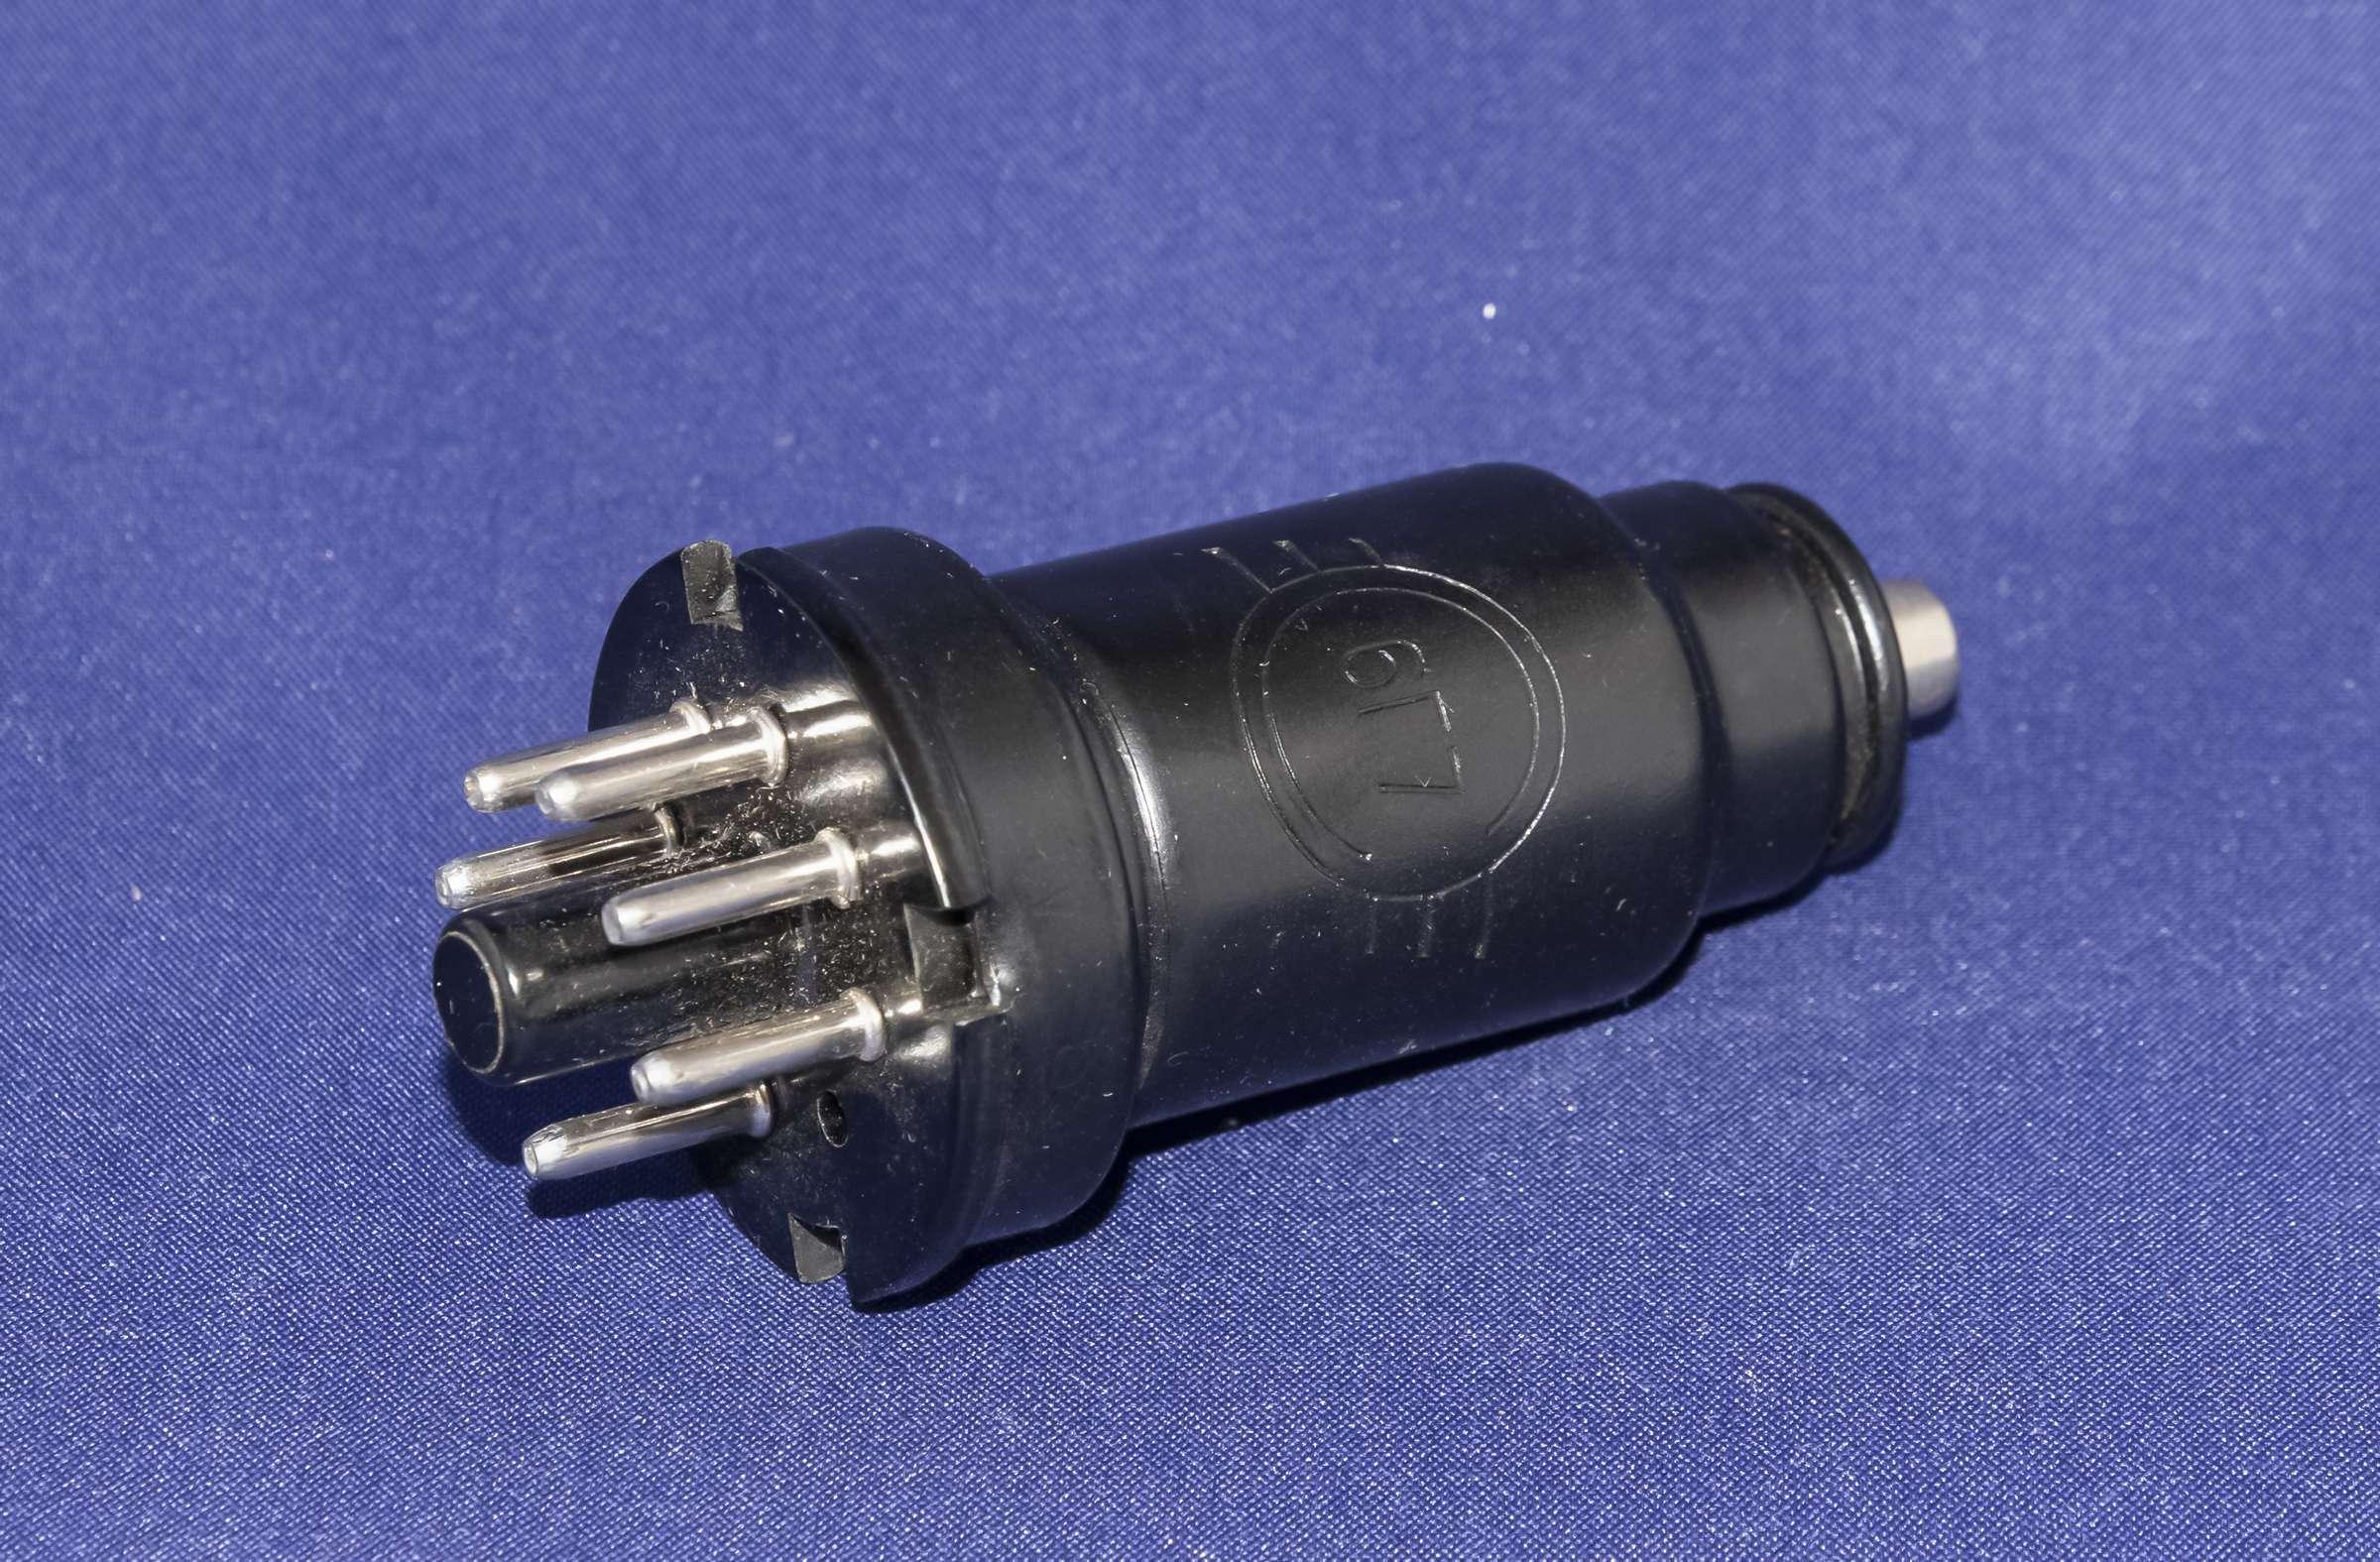 Внешний вид радиолампы 6Г7